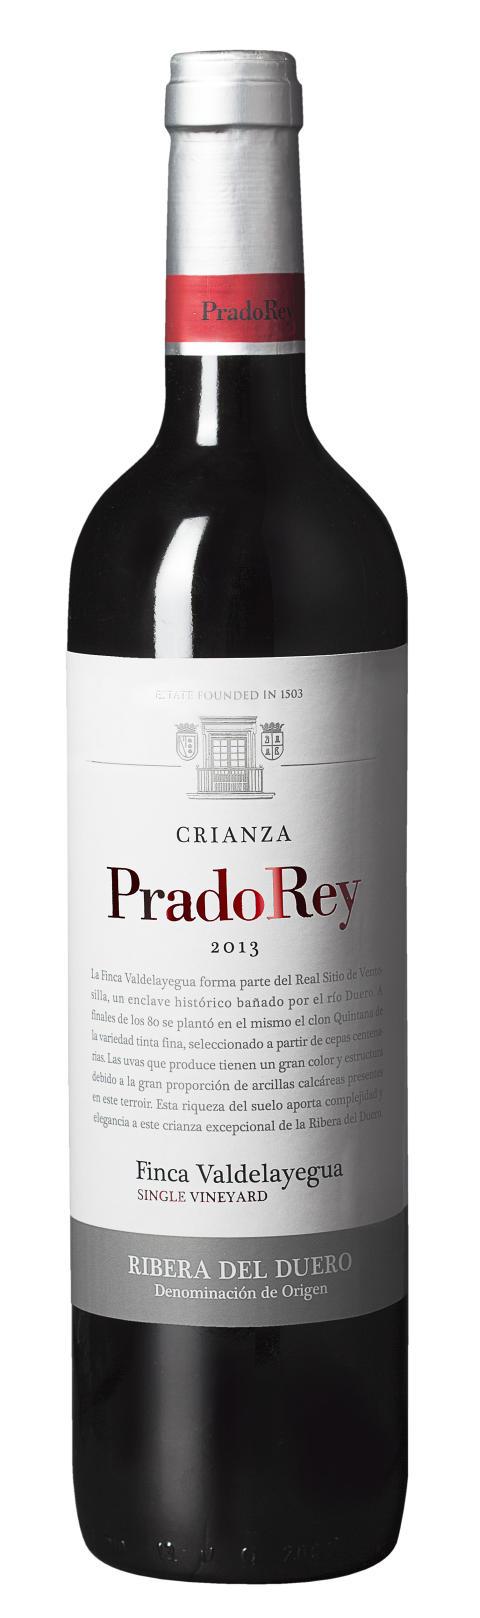 Prado Rey Crianza 2013 –ny årgång & design!